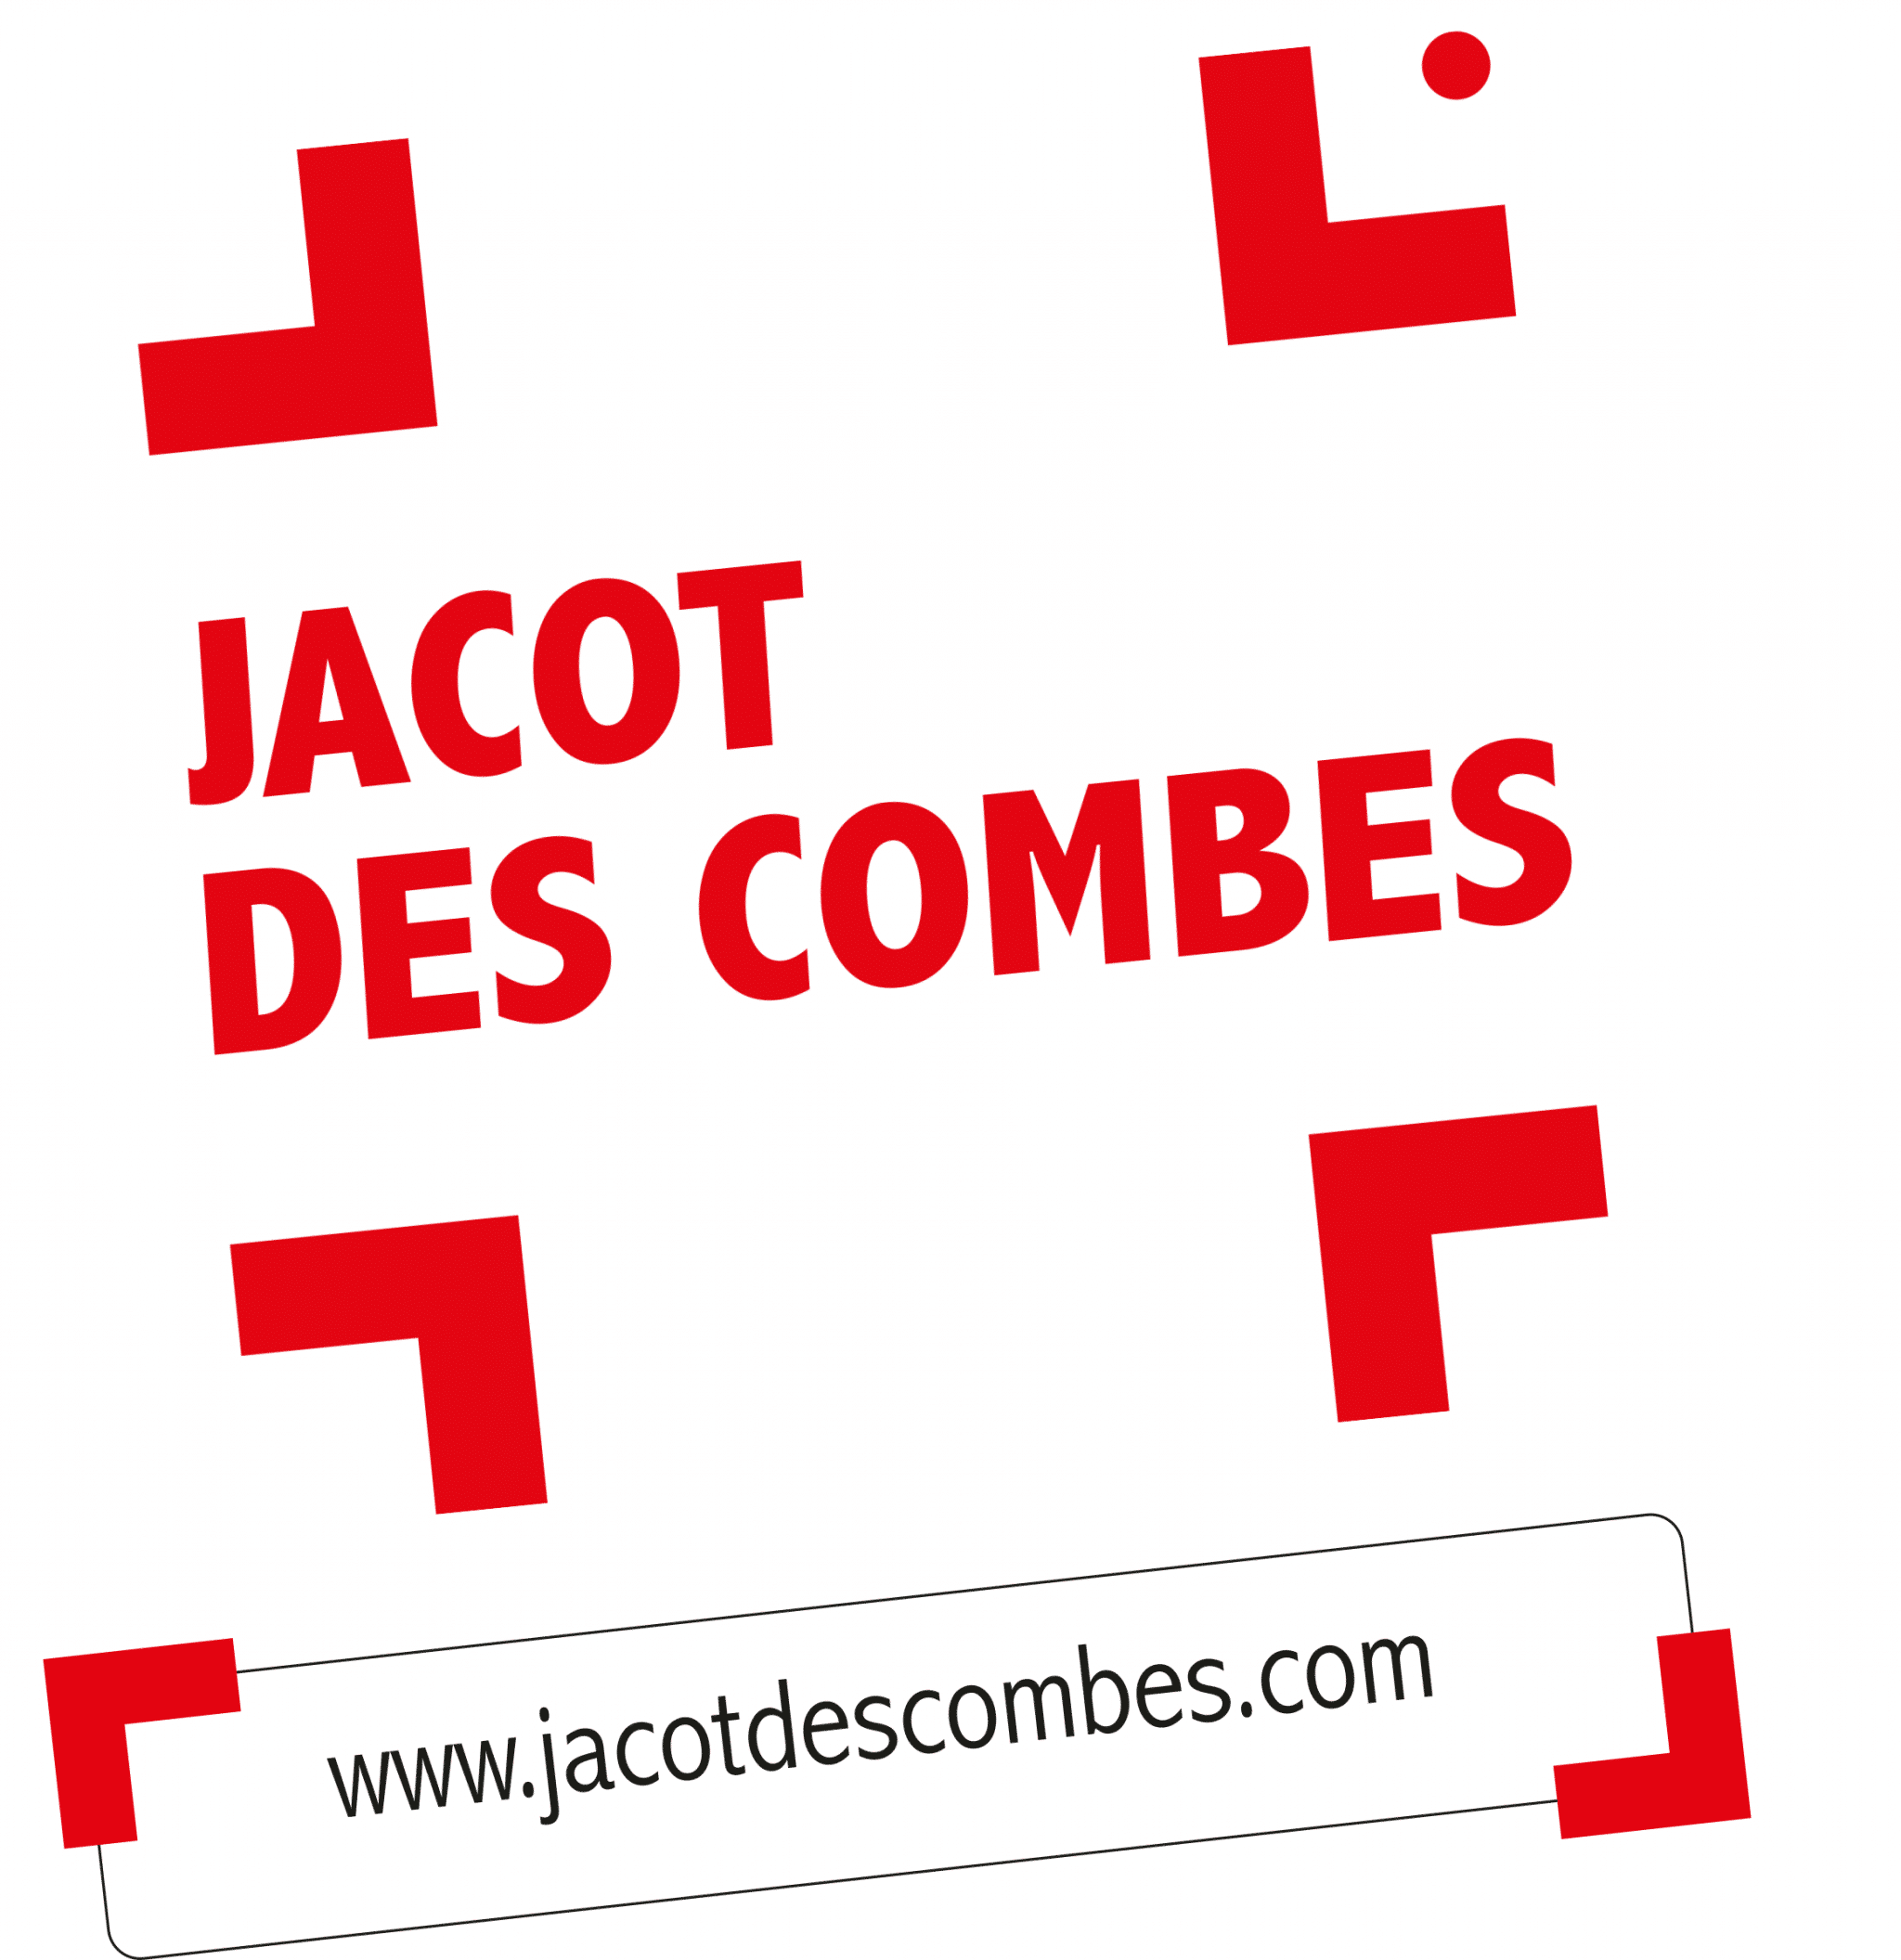 Jacot Des Combes